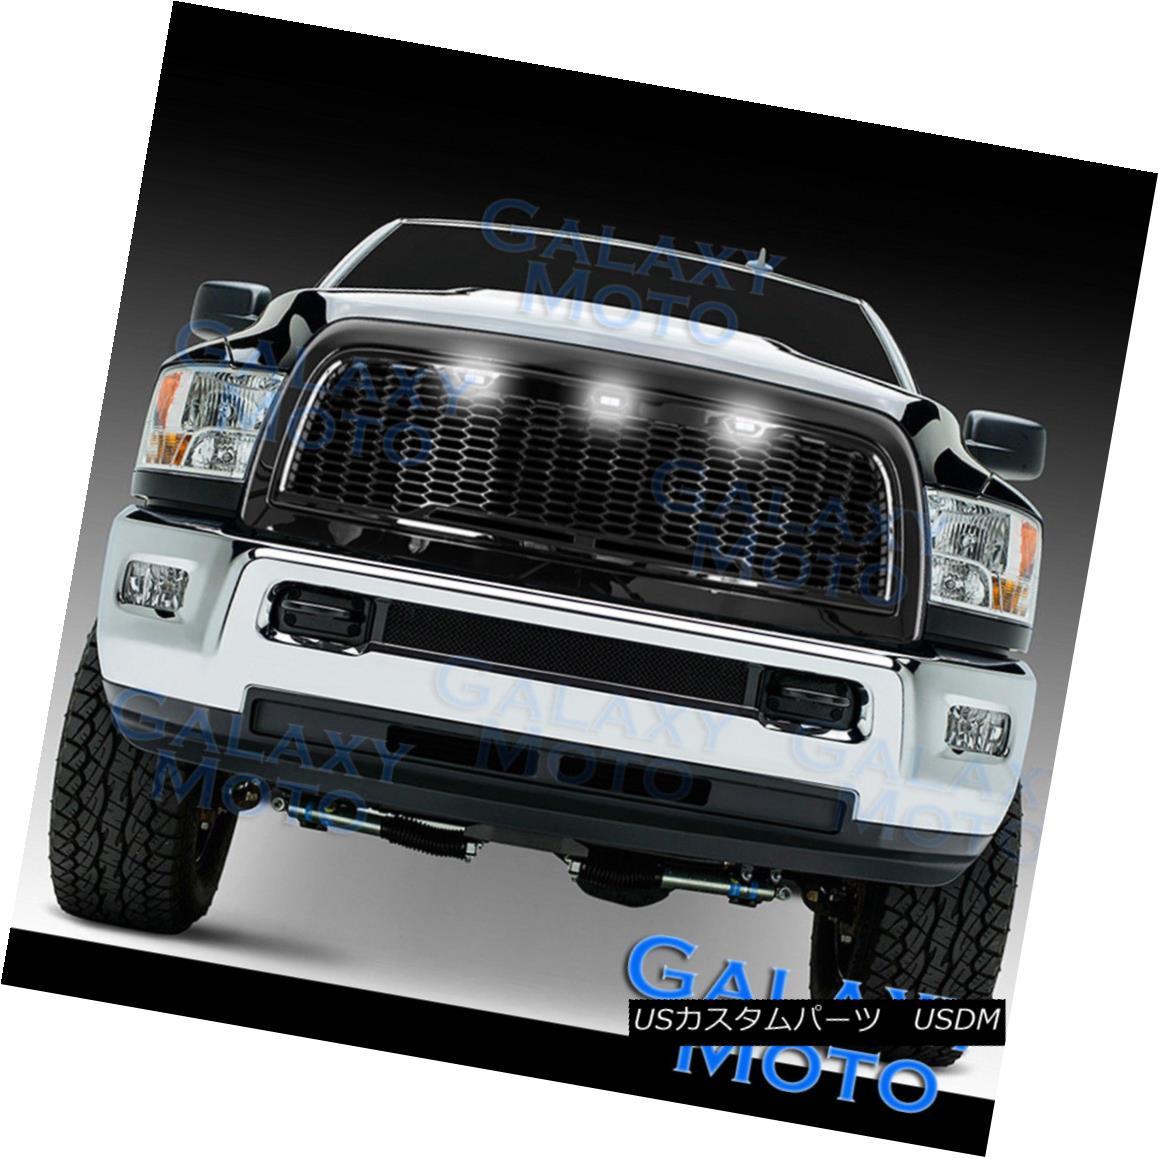 グリル 10-18 RAM 2500+3500 Raptor Gloss Black Replacement Mesh Grille+Shell+White 3xLED 10-18 RAM 2500 + 3500ラプターグロスブラック交換メッシュグリル+シェル+ W hite 3xLED